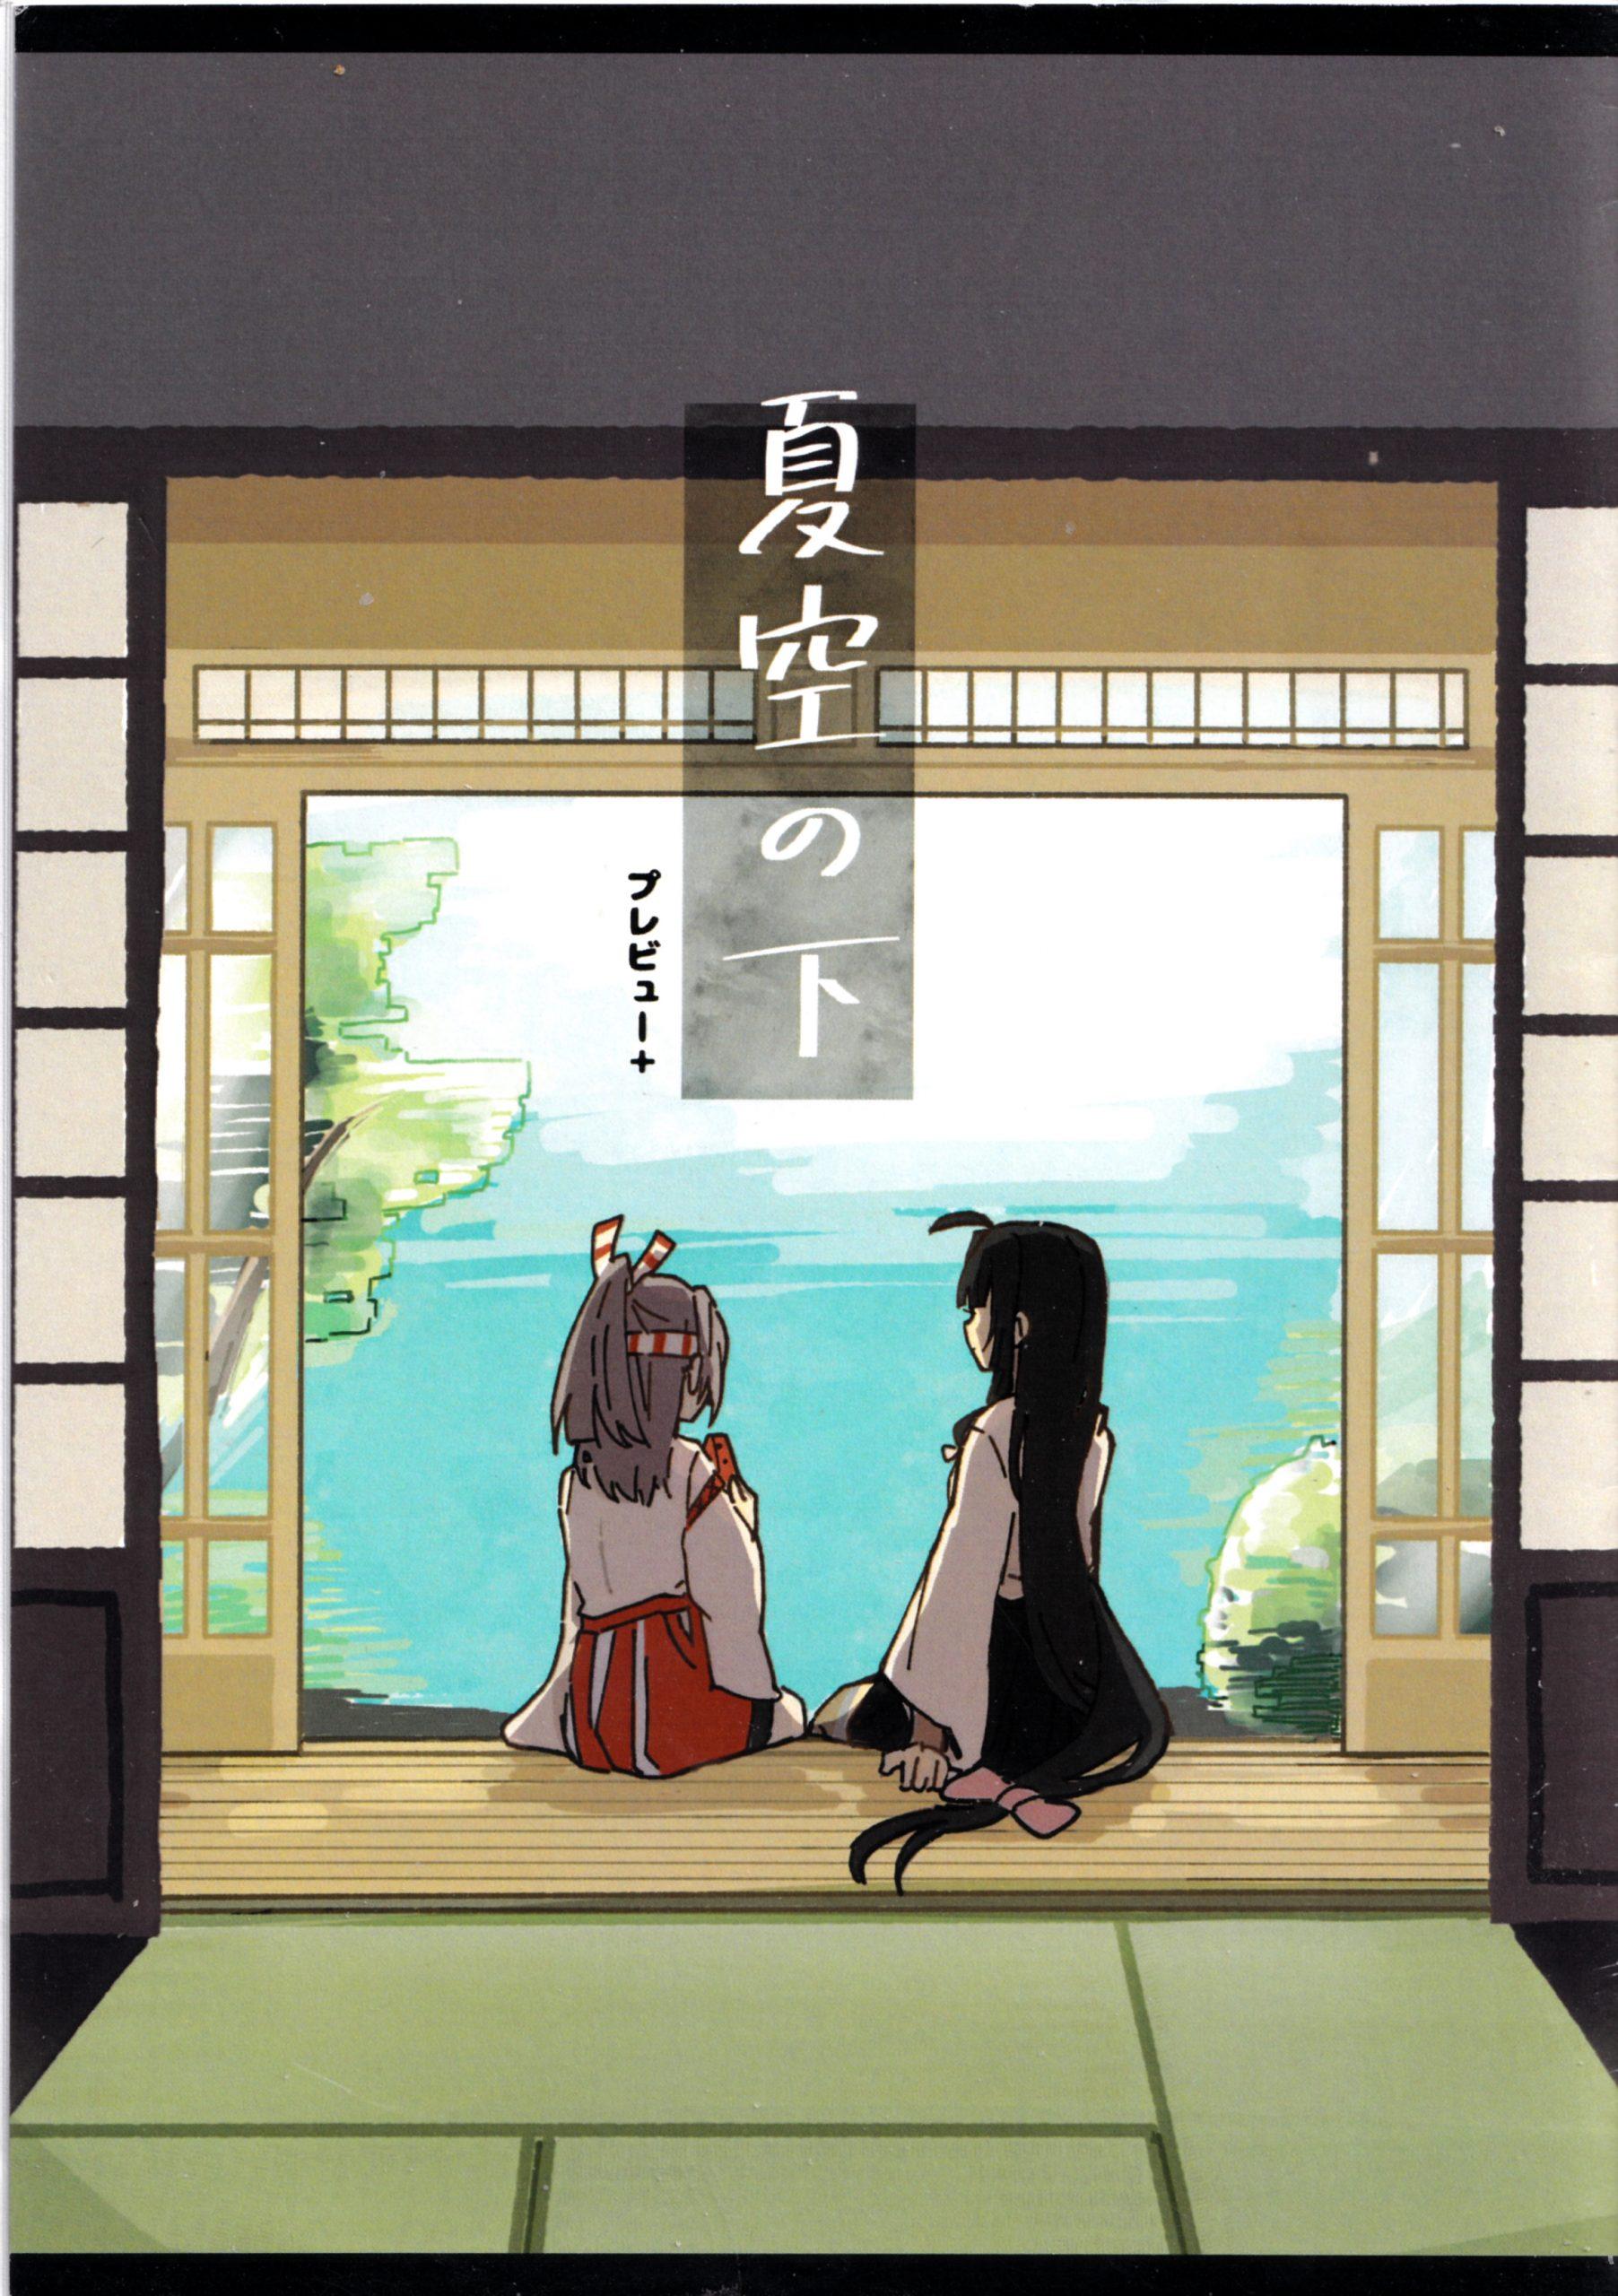 【猫岛汉化】夏空の下